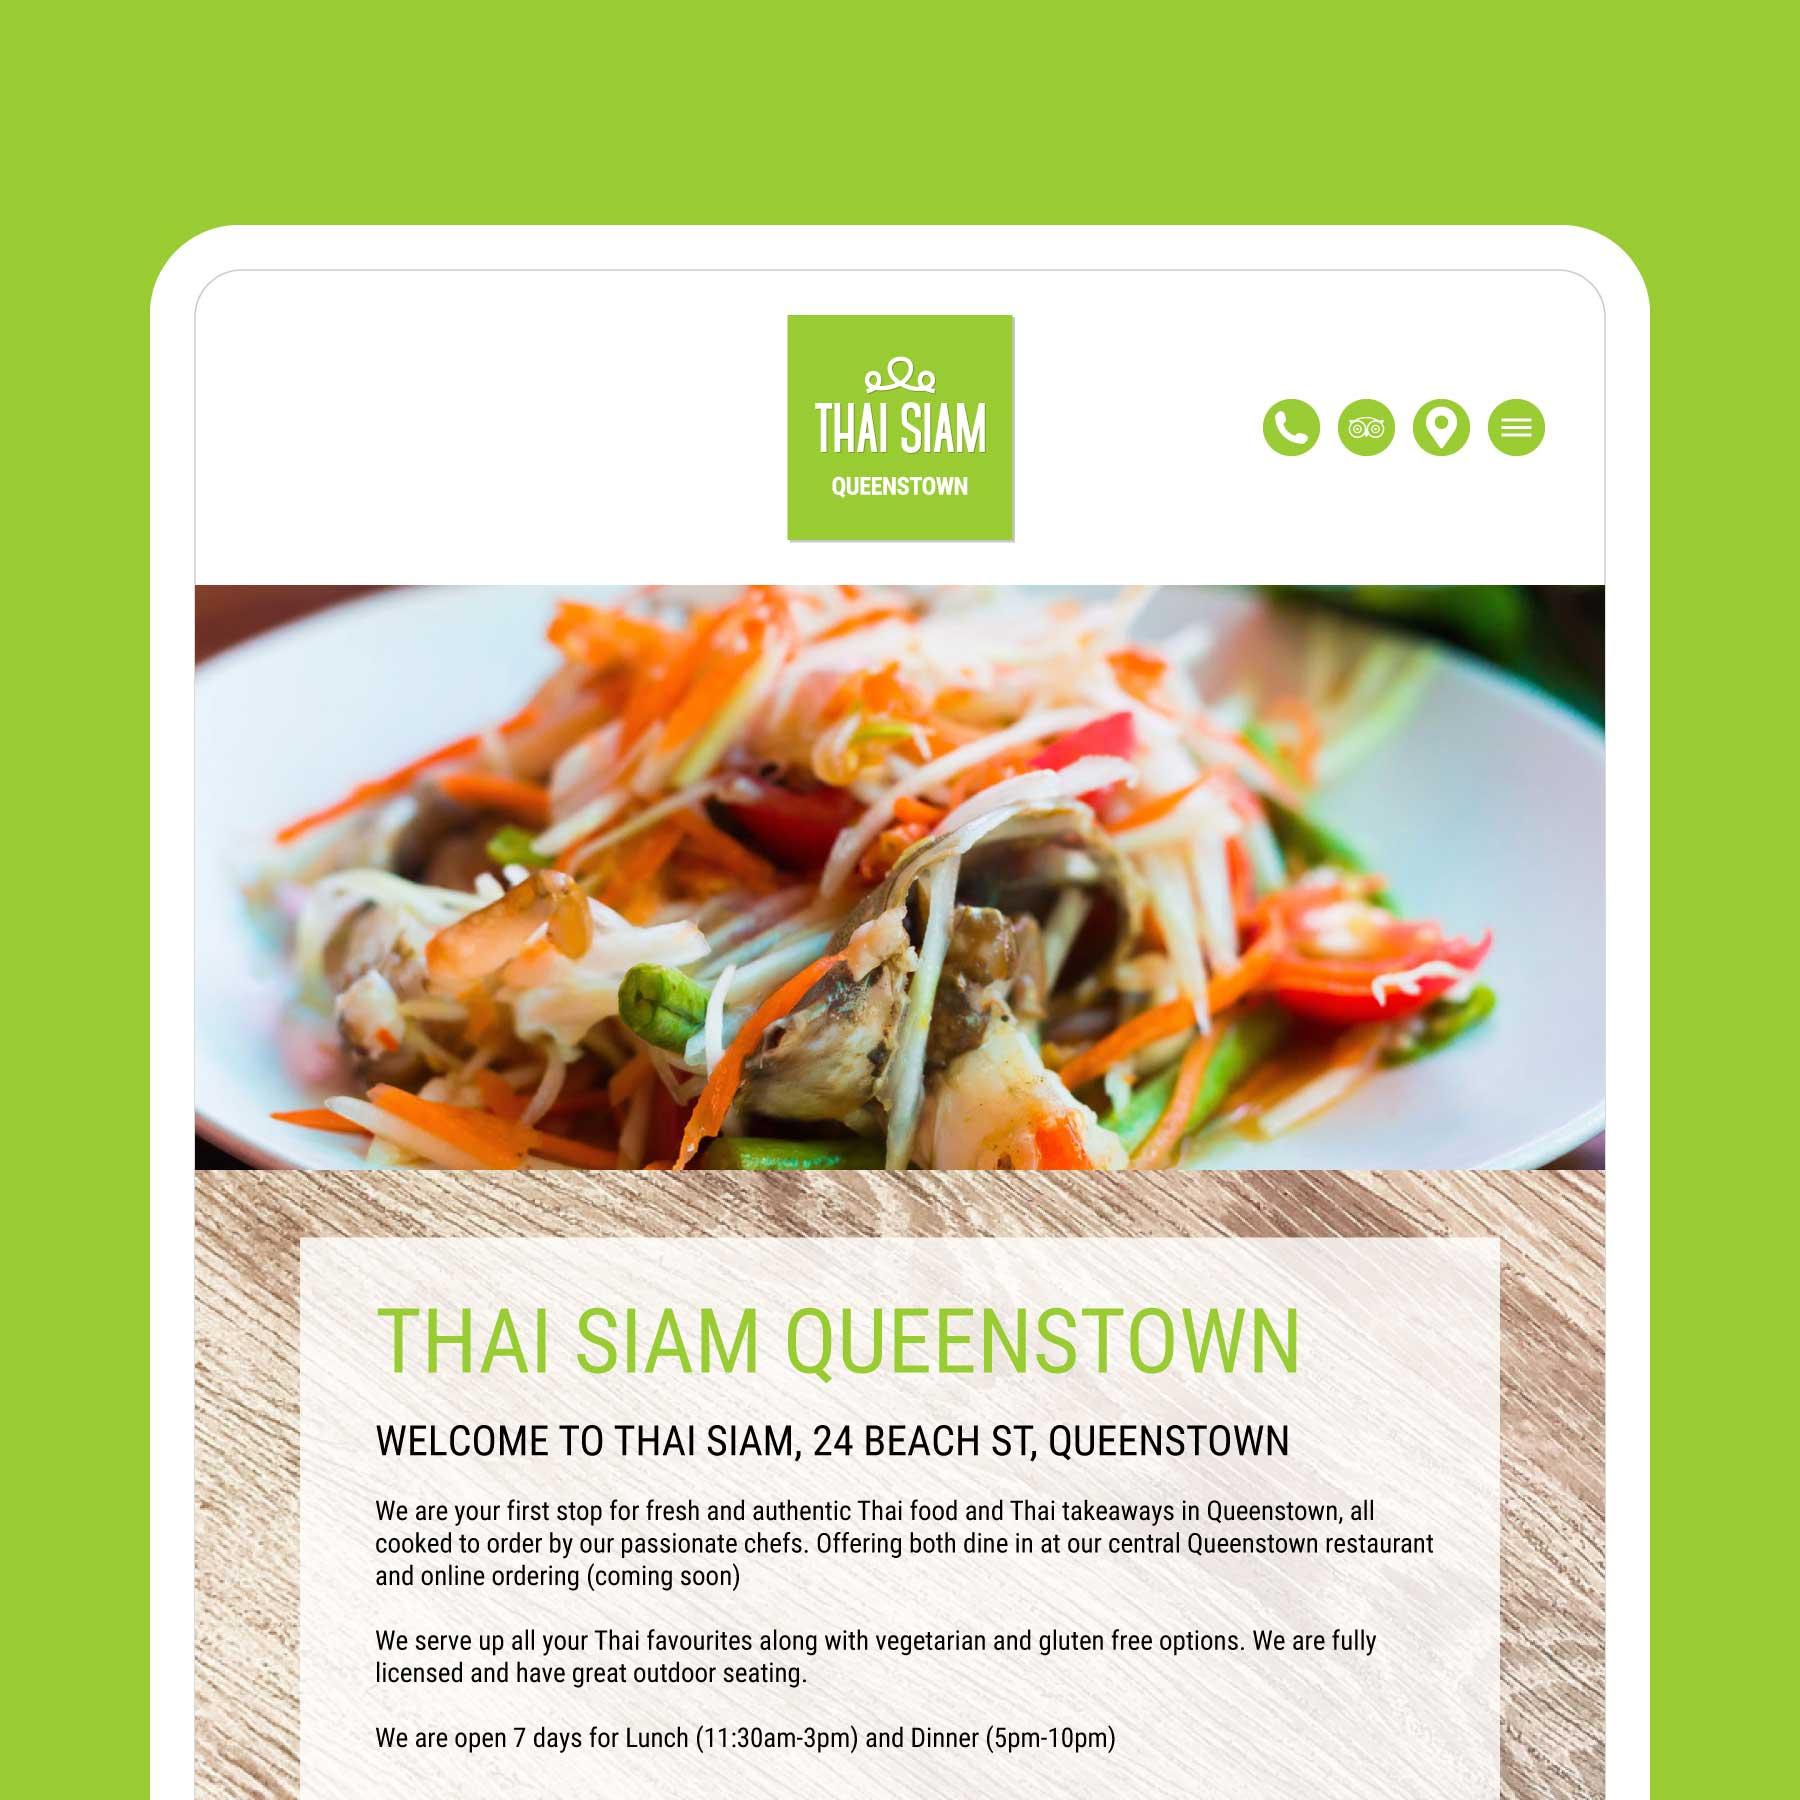 Thai Siam Thai Restaurant & Takeaway Queenstown Web Design